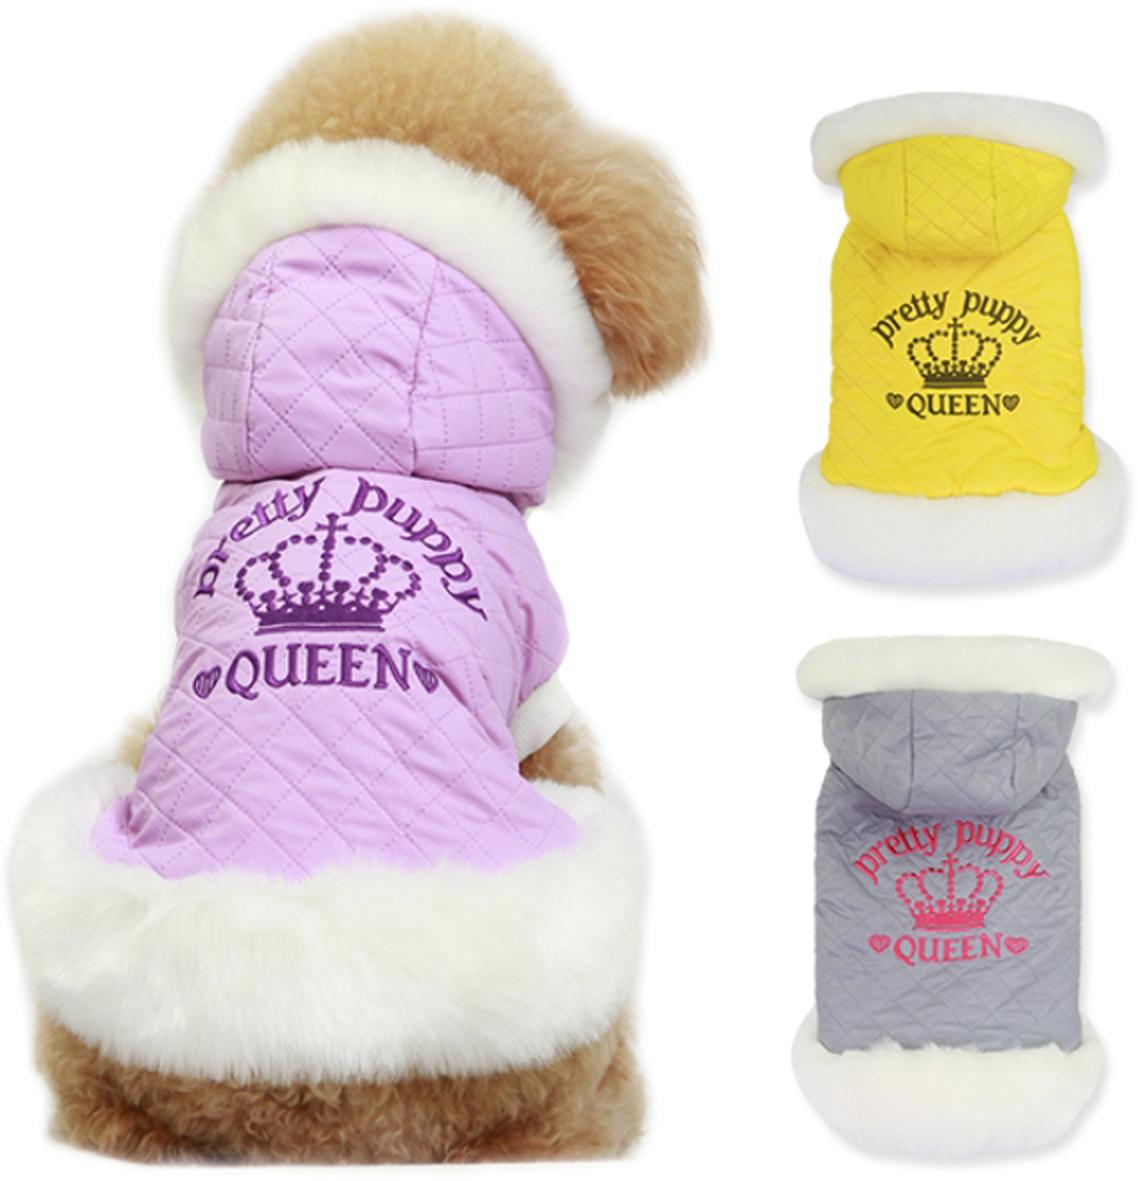 Куртка для собак Dobaz  Pretty Puppy , цвет: сиреневый. ДА14068АХС. Размер XS - Одежда, обувь, украшения - Одежда